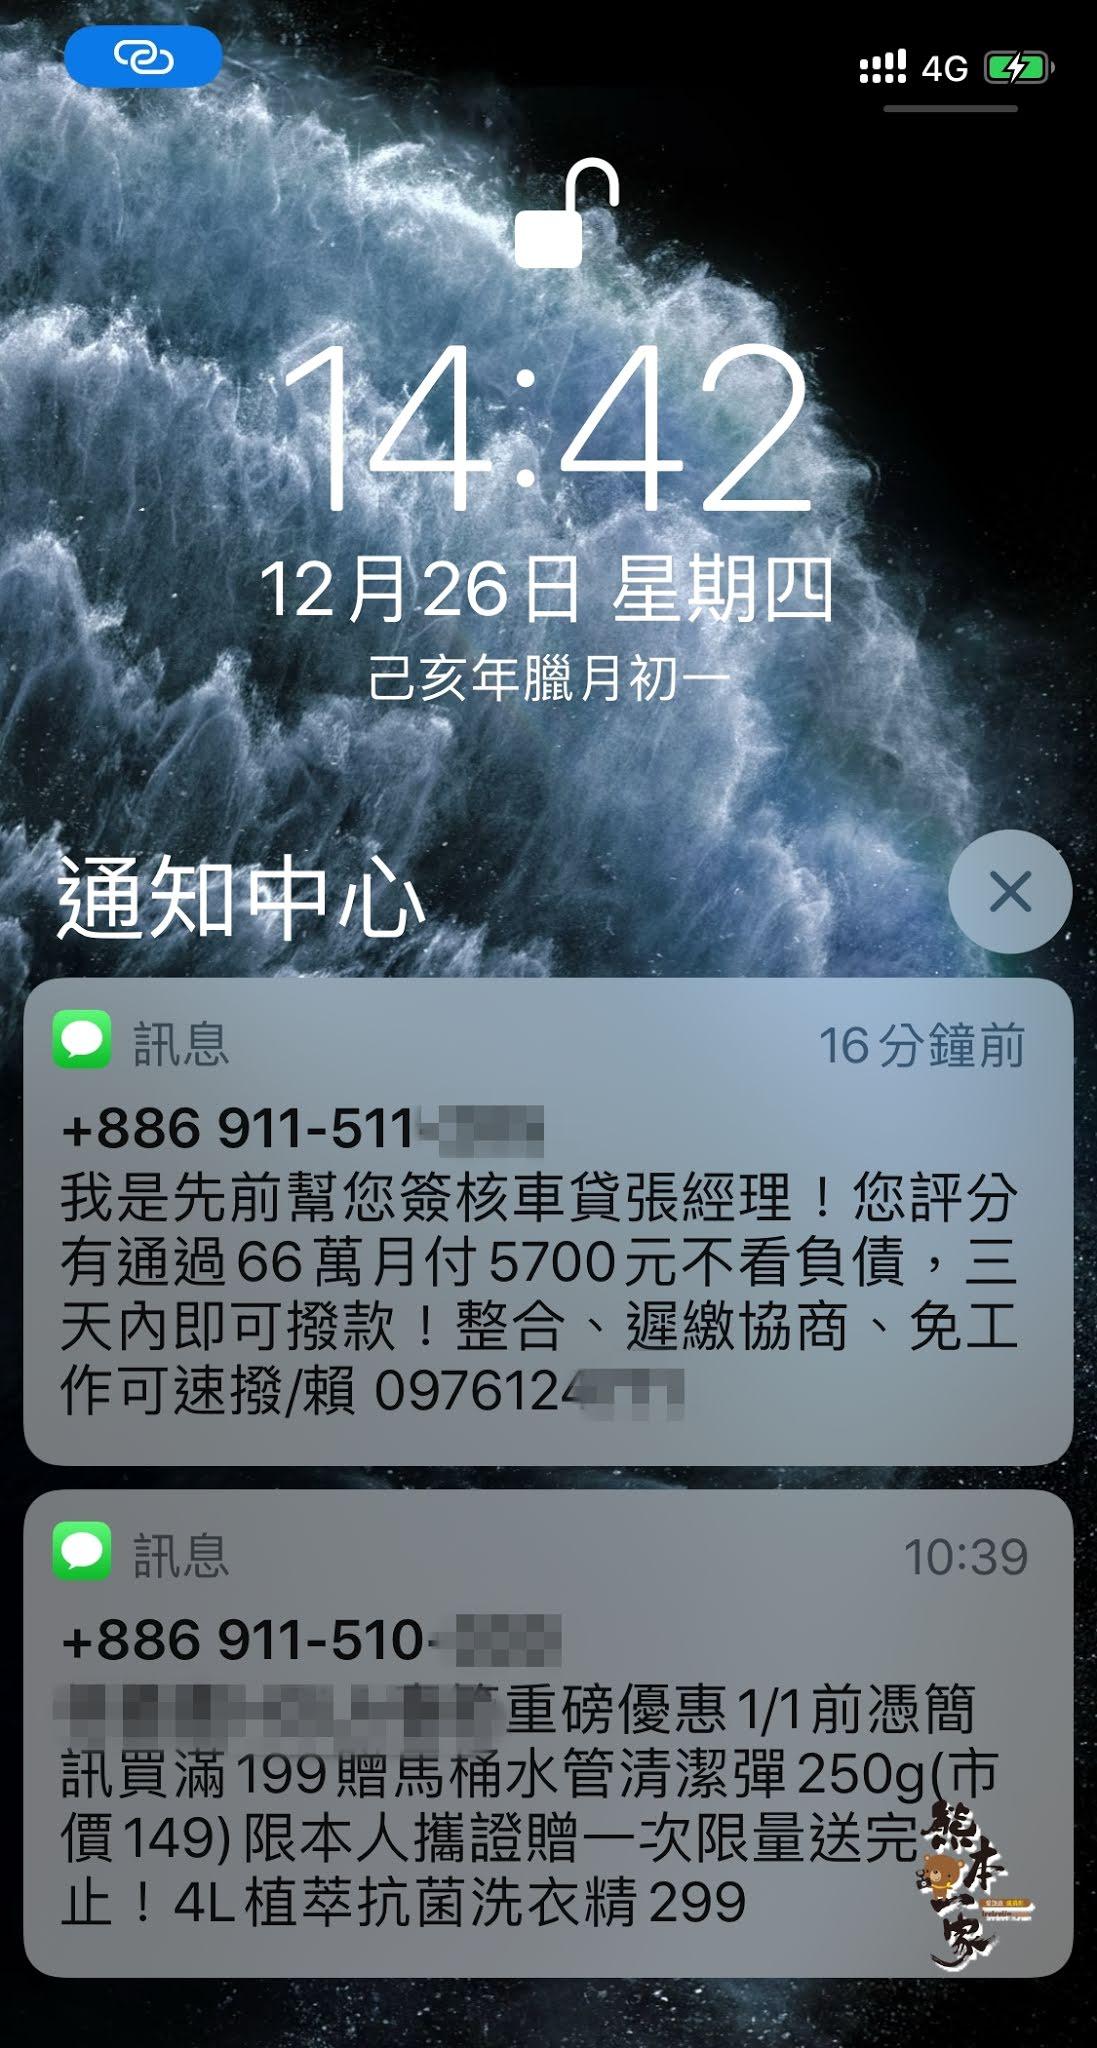 如何不再被未知簡訊廣告騷擾|iPhone封鎖簡訊免安裝第三方App超方便